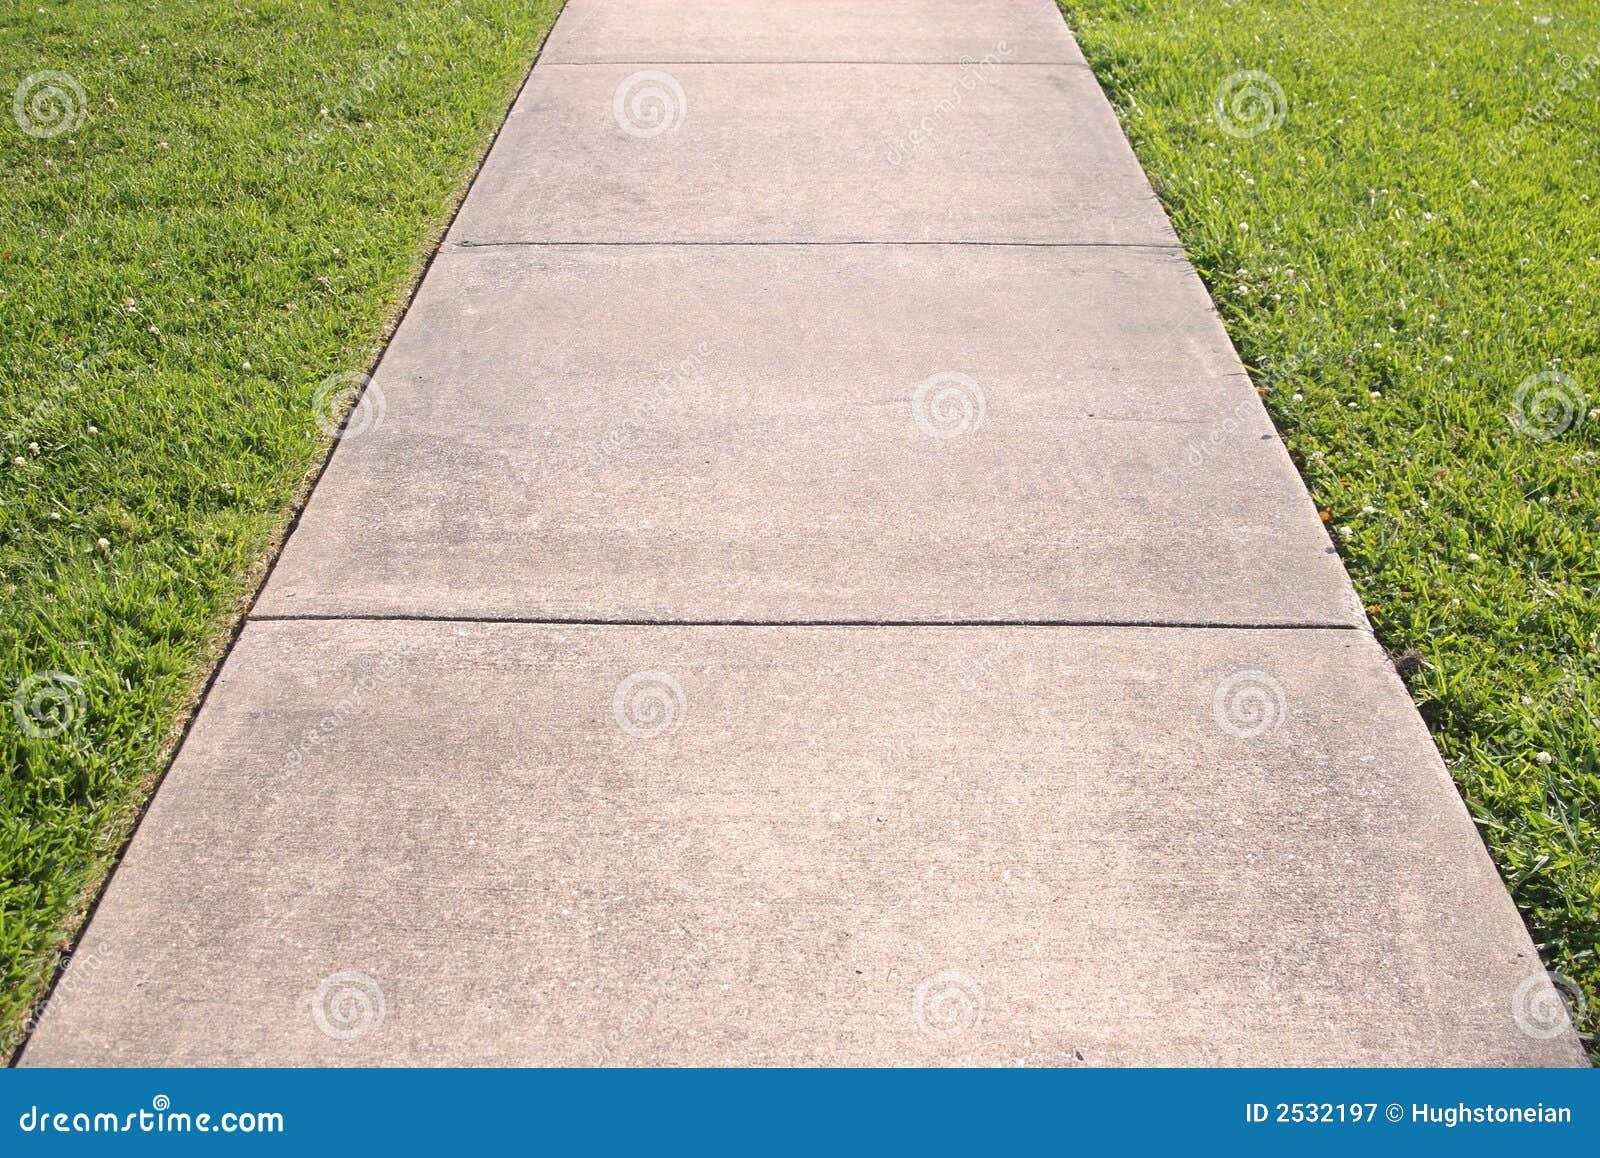 Trawa chodnik abstrakcyjne